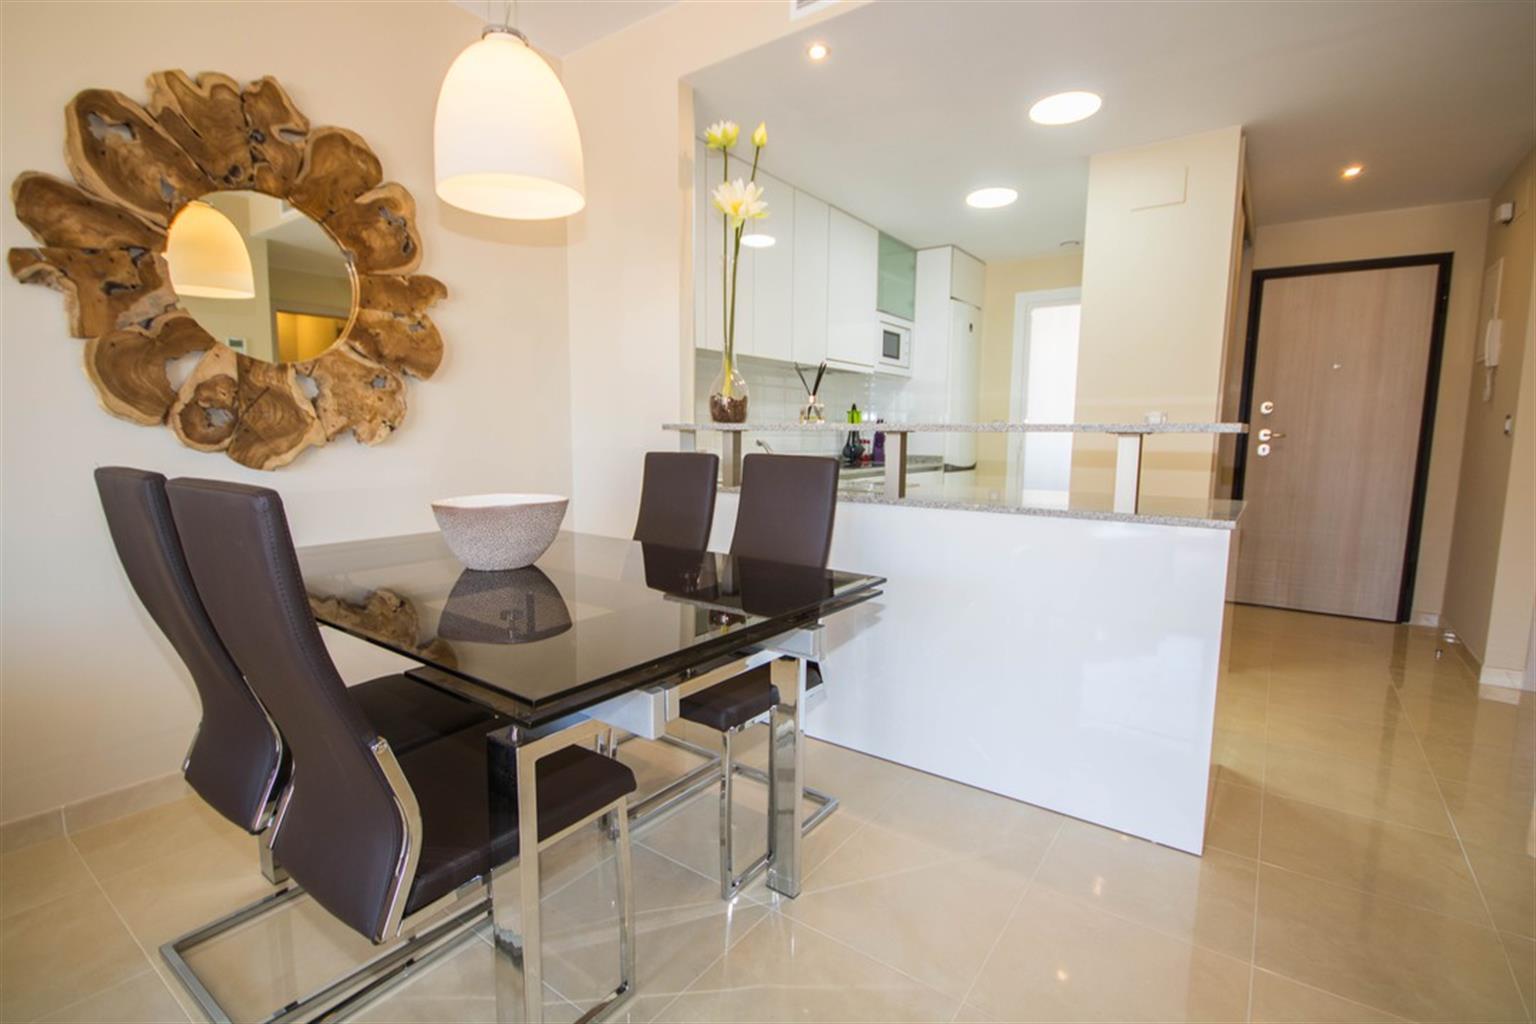 Appartement - Orihuela Costa - #4228409-14